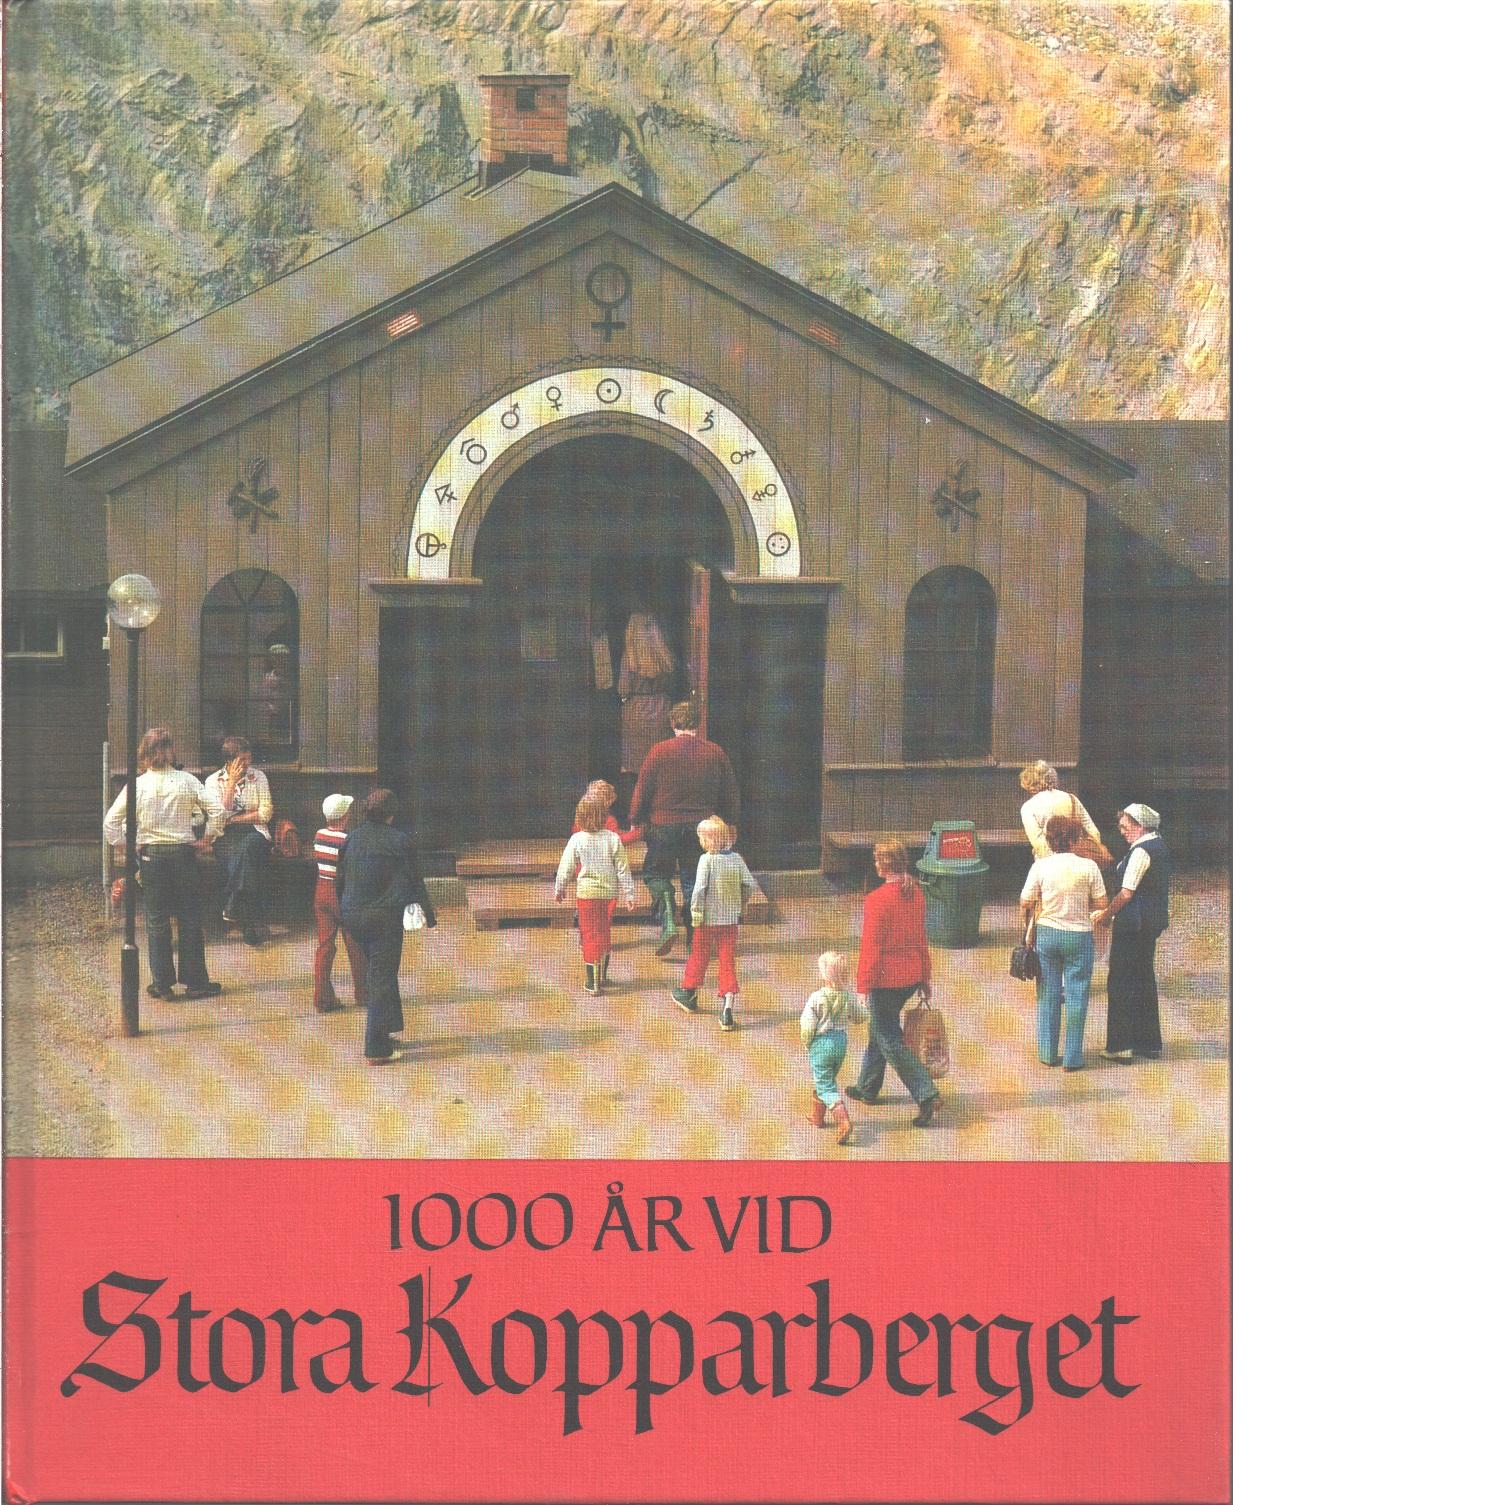 1000 år vid Stora Kopparberget - Rydberg, Sven och Gullers, Peter